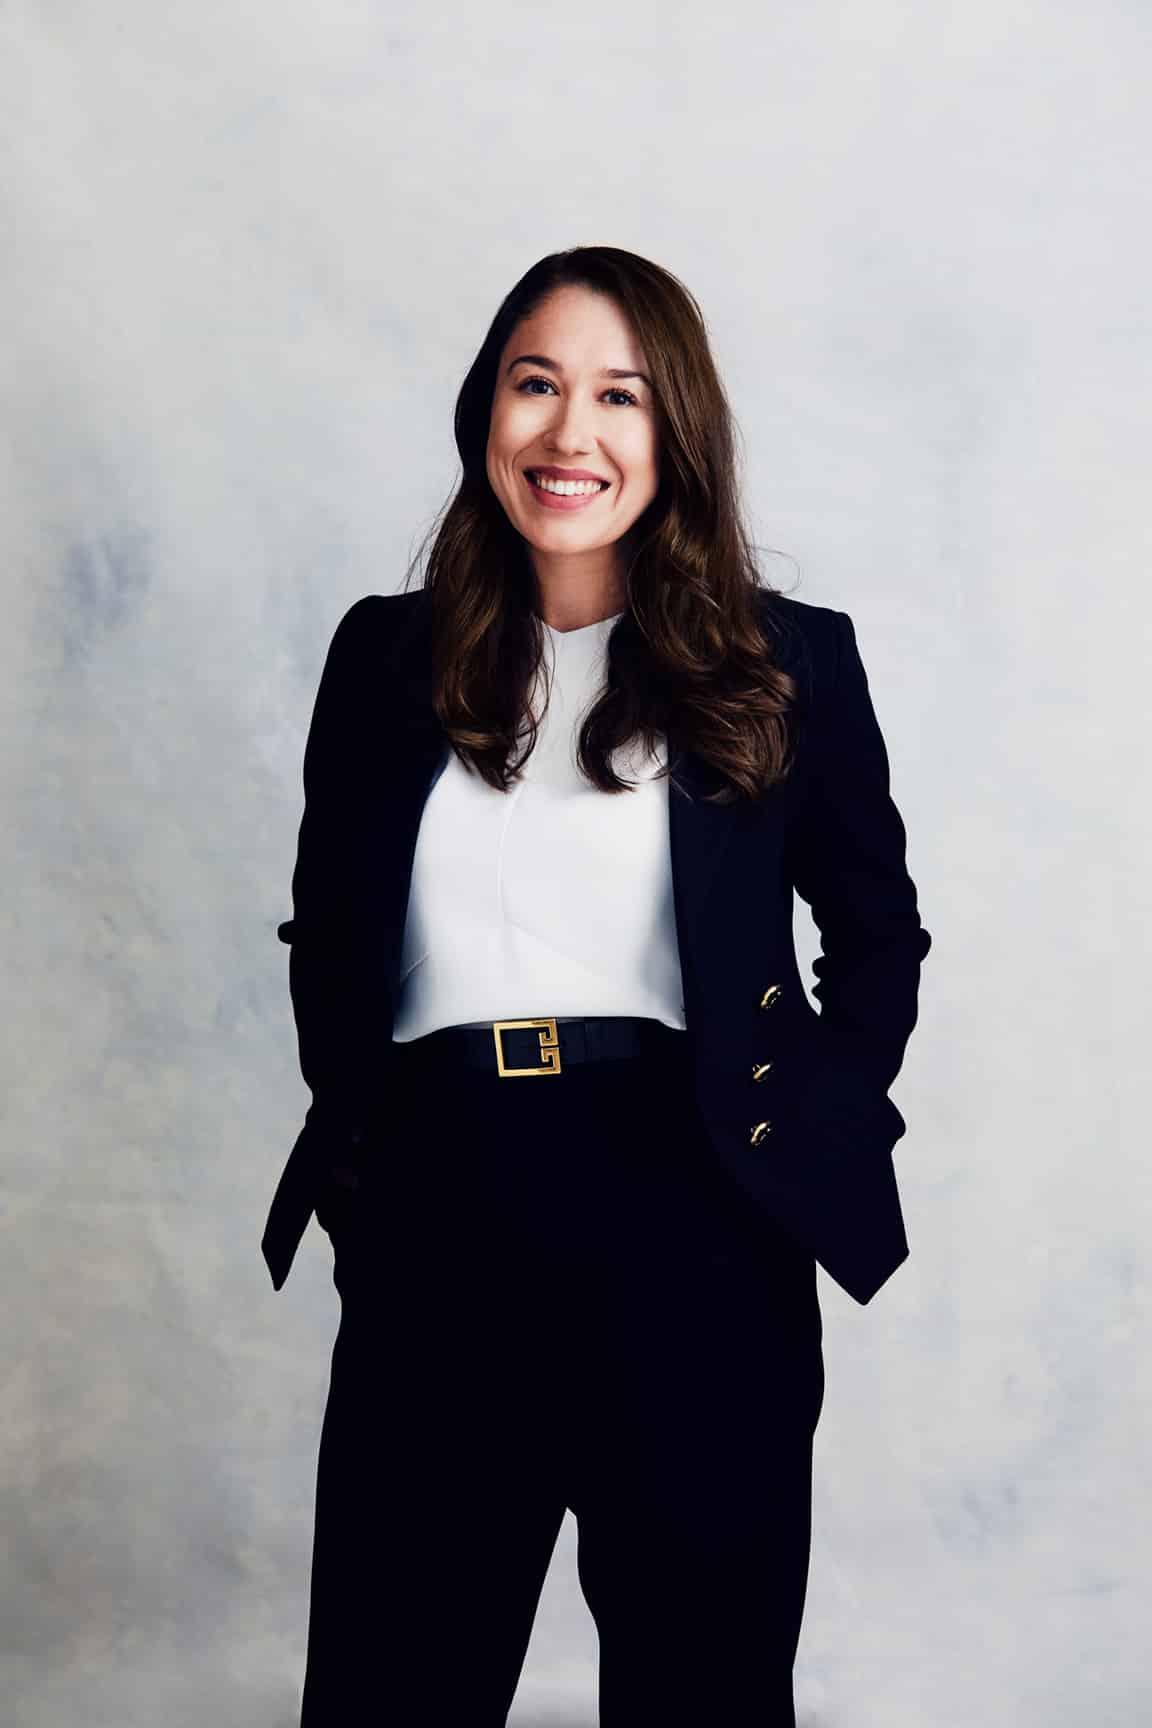 Chloe Boubalos